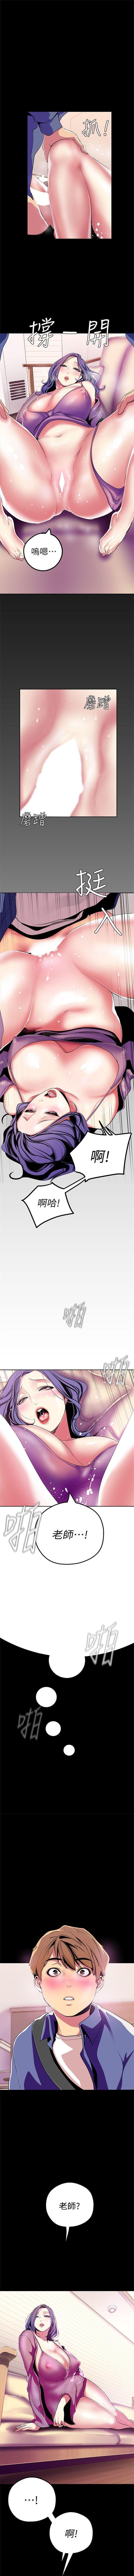 美麗新世界 1-85 官方中文(連載中) 220